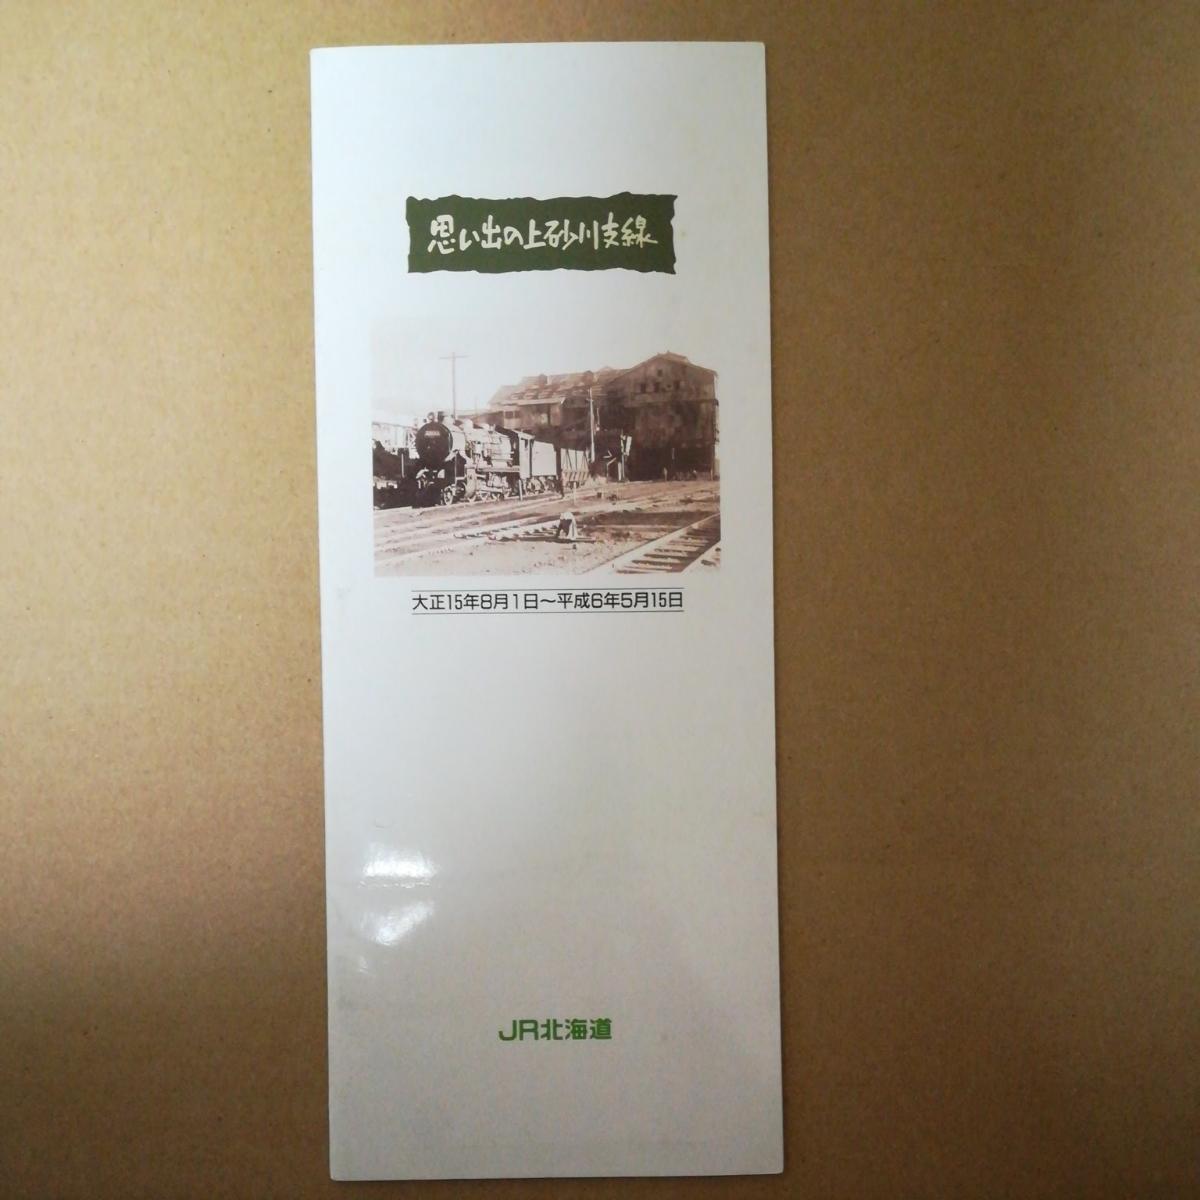 JR北海道 思い出の上砂川支線 入場券セット